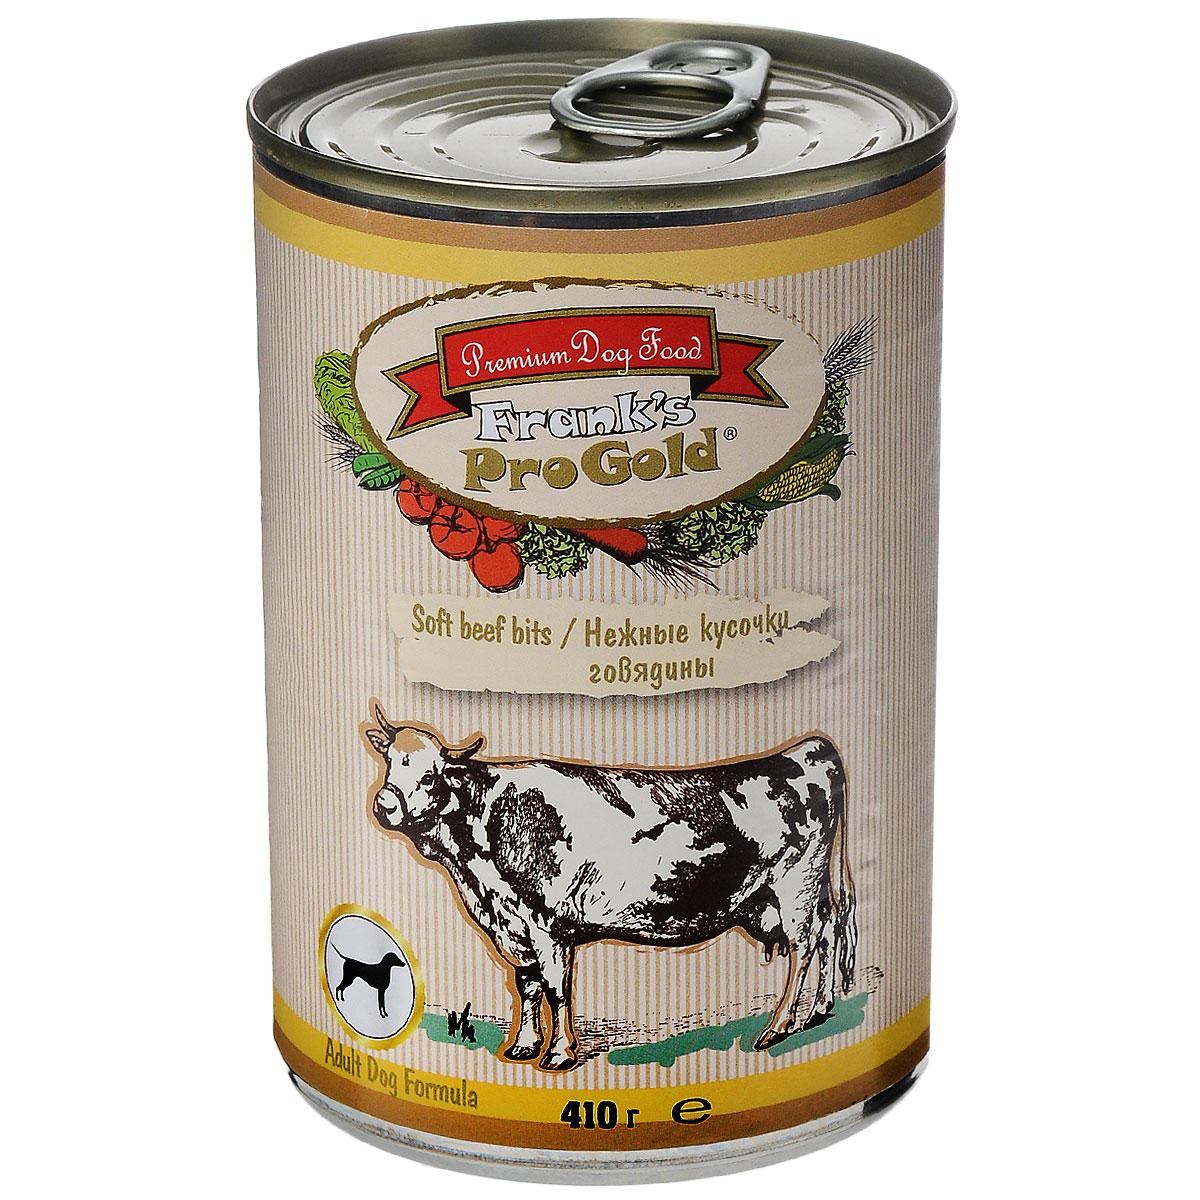 Franks ProGold Консервы для собак Нежные кусочки говядины (Soft beef bits Adult Dog Recipe), 410 г.19417Полнорационный корм для собак. Состав: мясо курицы, говядина, мясо и его производные, злаки, витамины и минералы.Пищевая ценность: влажность 81 %,белки 6,5 %, жиры 4,5 %, зола 2 %, клетчатка 0,5.Добавки: Витамин A 1600 IU, Витамин D 140 IU, Витамин E 10 IU, Железо E1 24 мг/кг, Марганец E5 6 мг/кг, Цинк E6 15 мг/кг, Иодин E2 0,3 мг/кг. Калорийность: 393,6 калл. Условия хранения: в прохладномтемном месте.